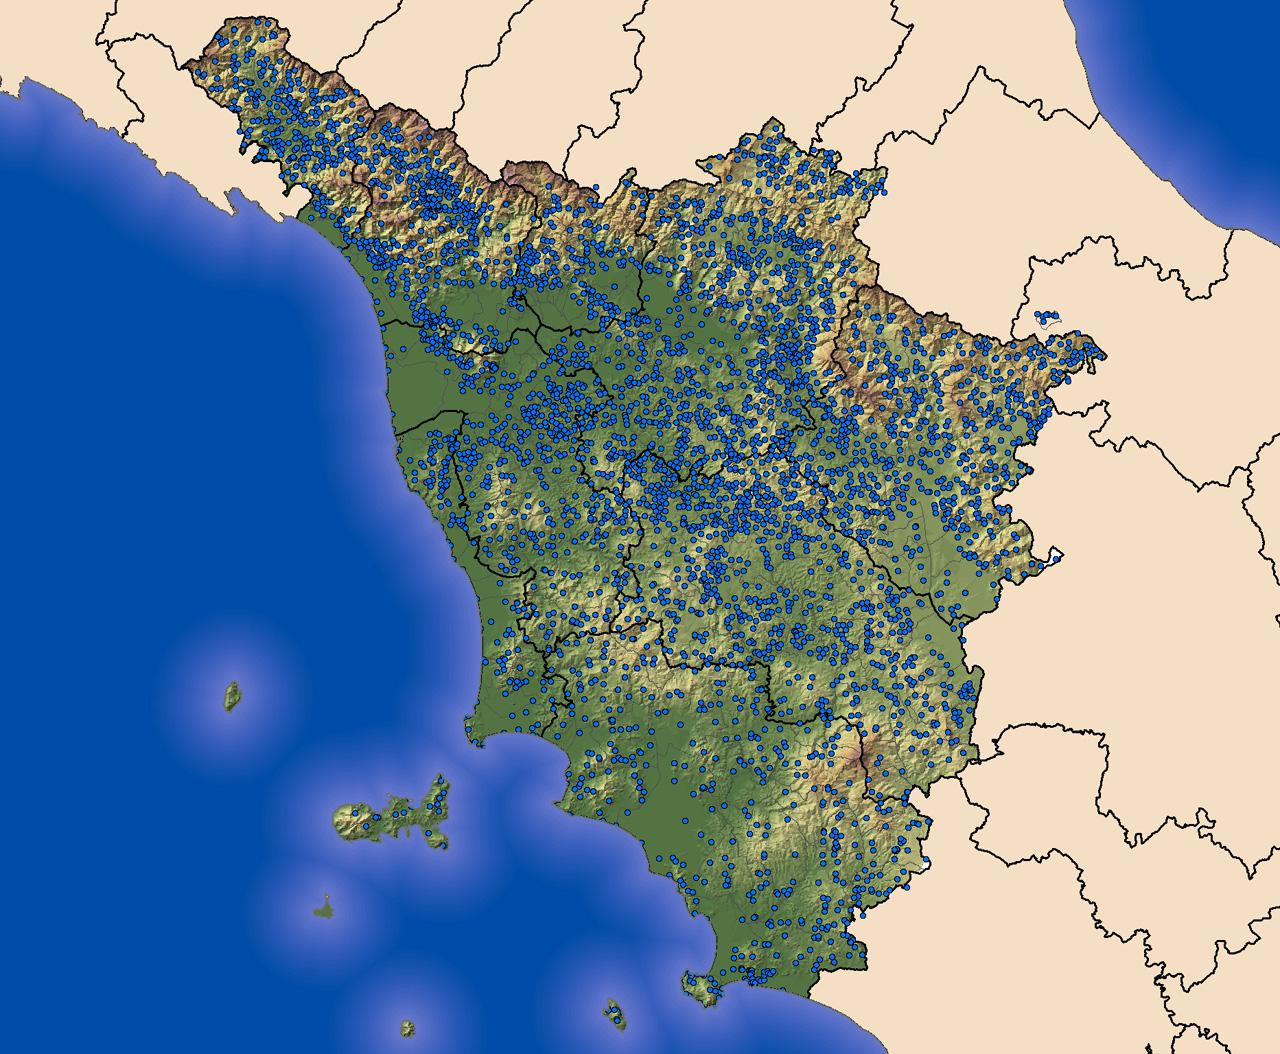 Cartina Geografica Della Toscana.La Scala Macro Del Contesto Toscano Modello Continuista E Geografia Del Potere Castello Di Miranduolo